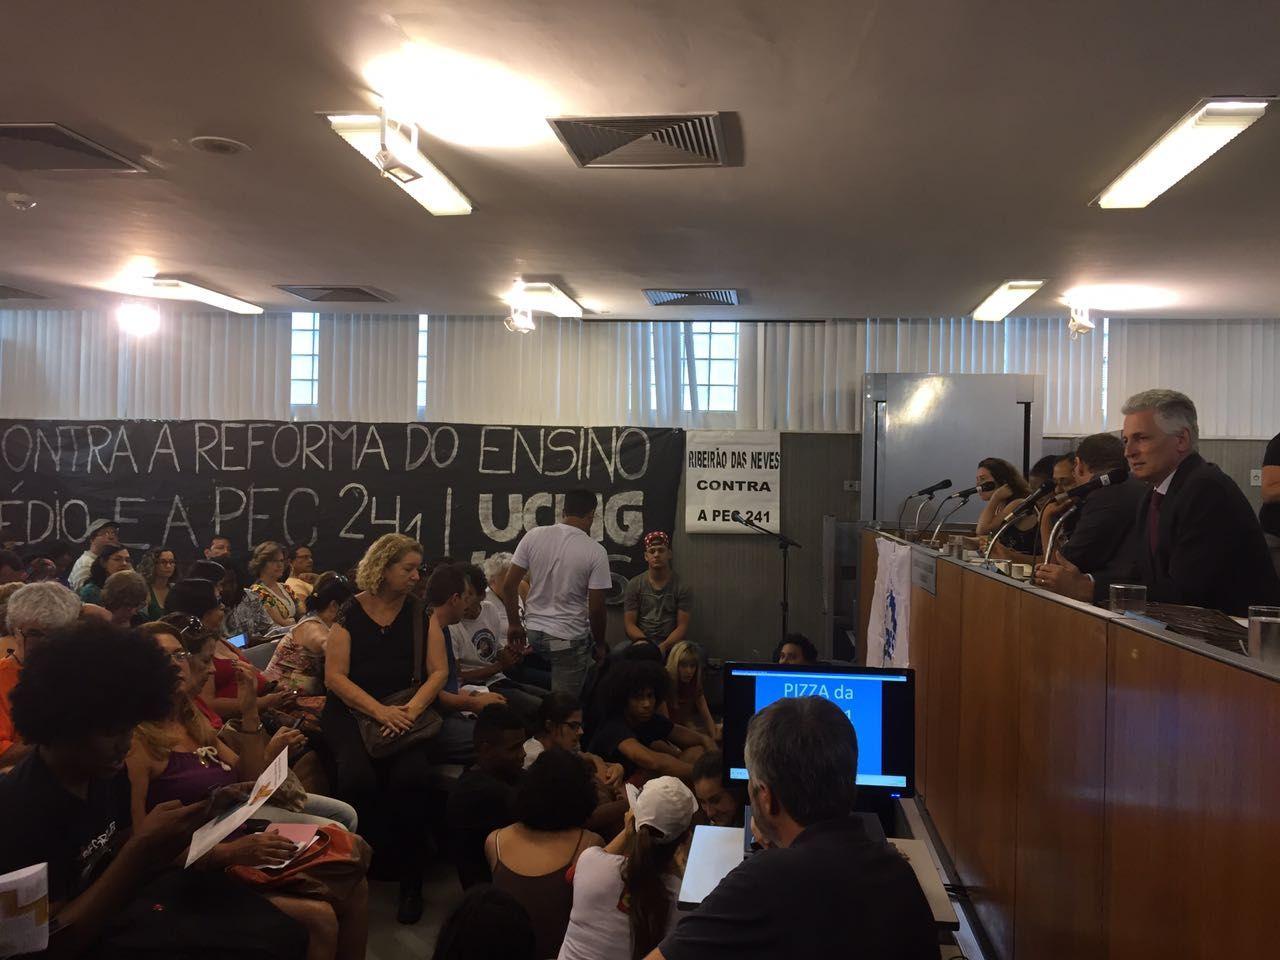 Rogerio Correia, denúncia, Aécio neves, corrupção, PEC 241ou PEC 55/2016, movimento estudantil, ocupação,